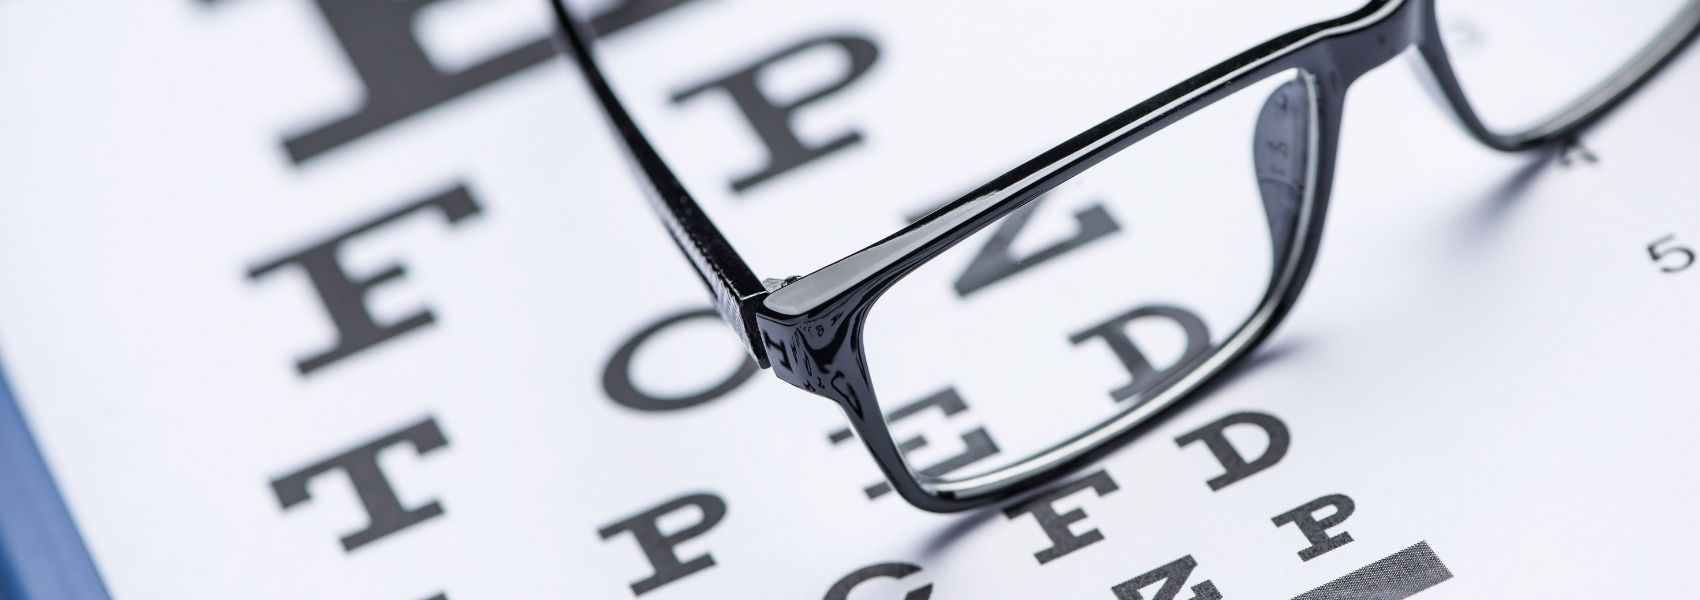 De olho na saúde ocular com o regresso à escola e ao trabalho presencial